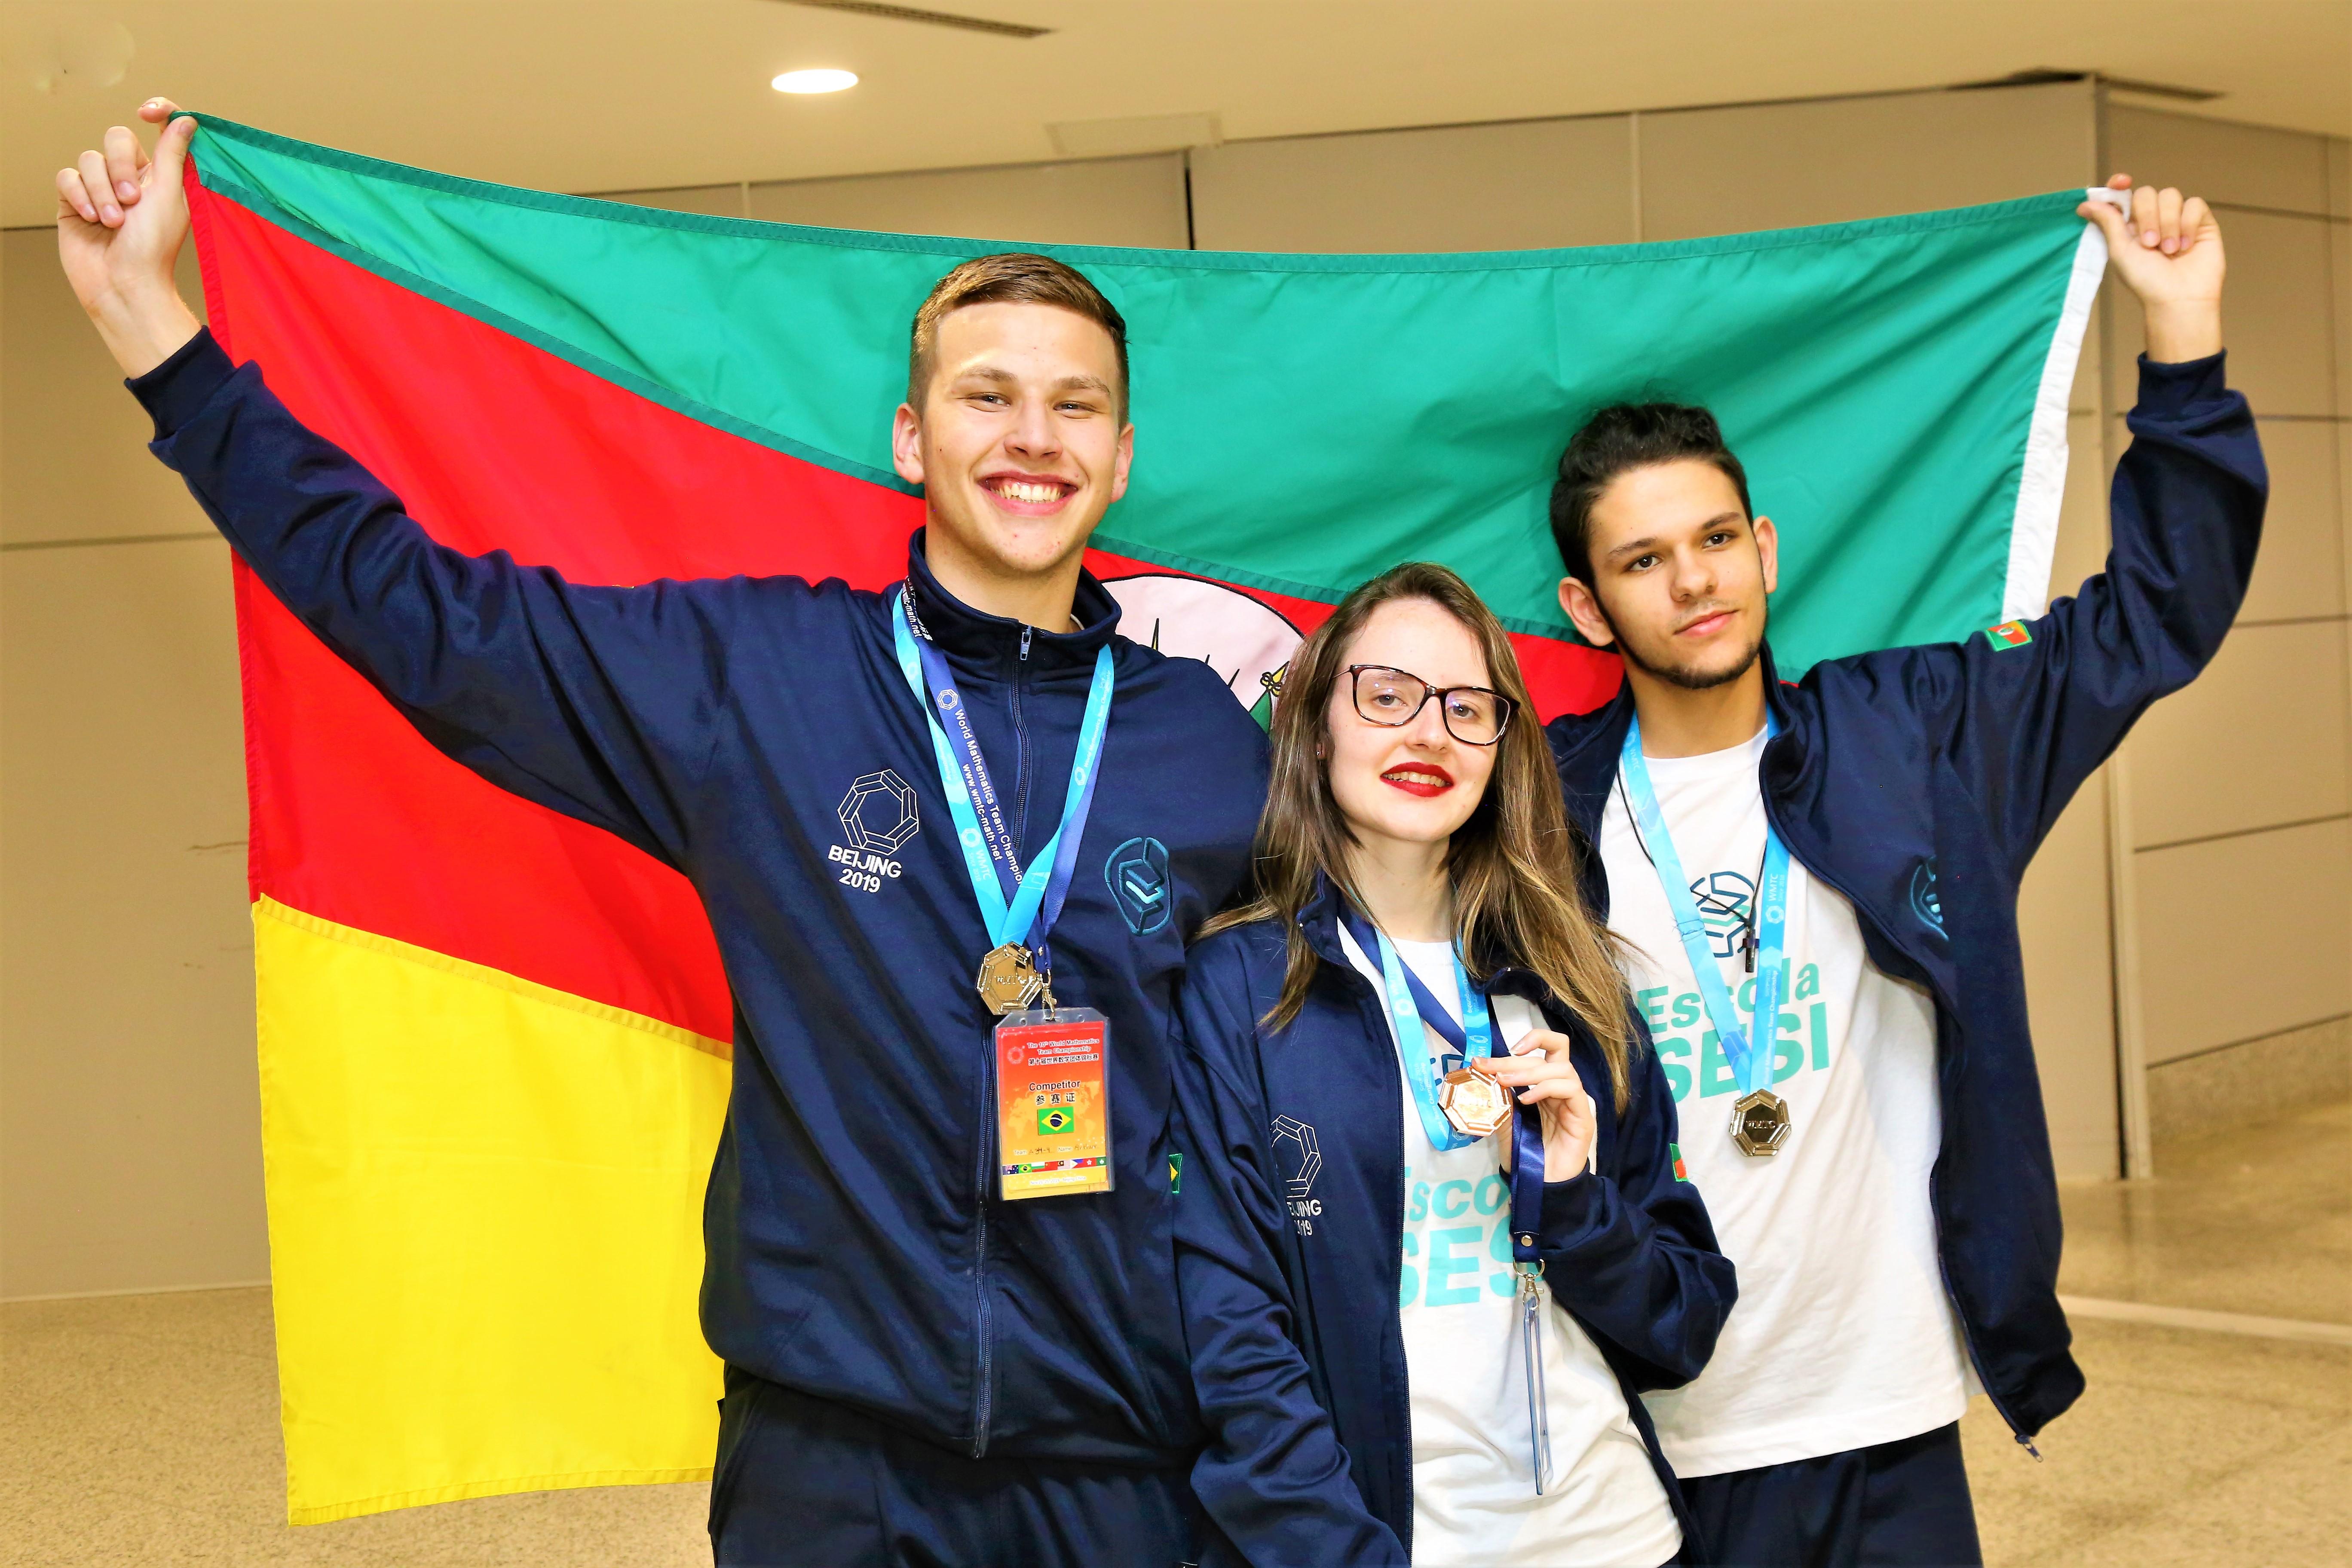 Estudantes gaúchos são medalhistas em olimpíada mundial de matemática na China